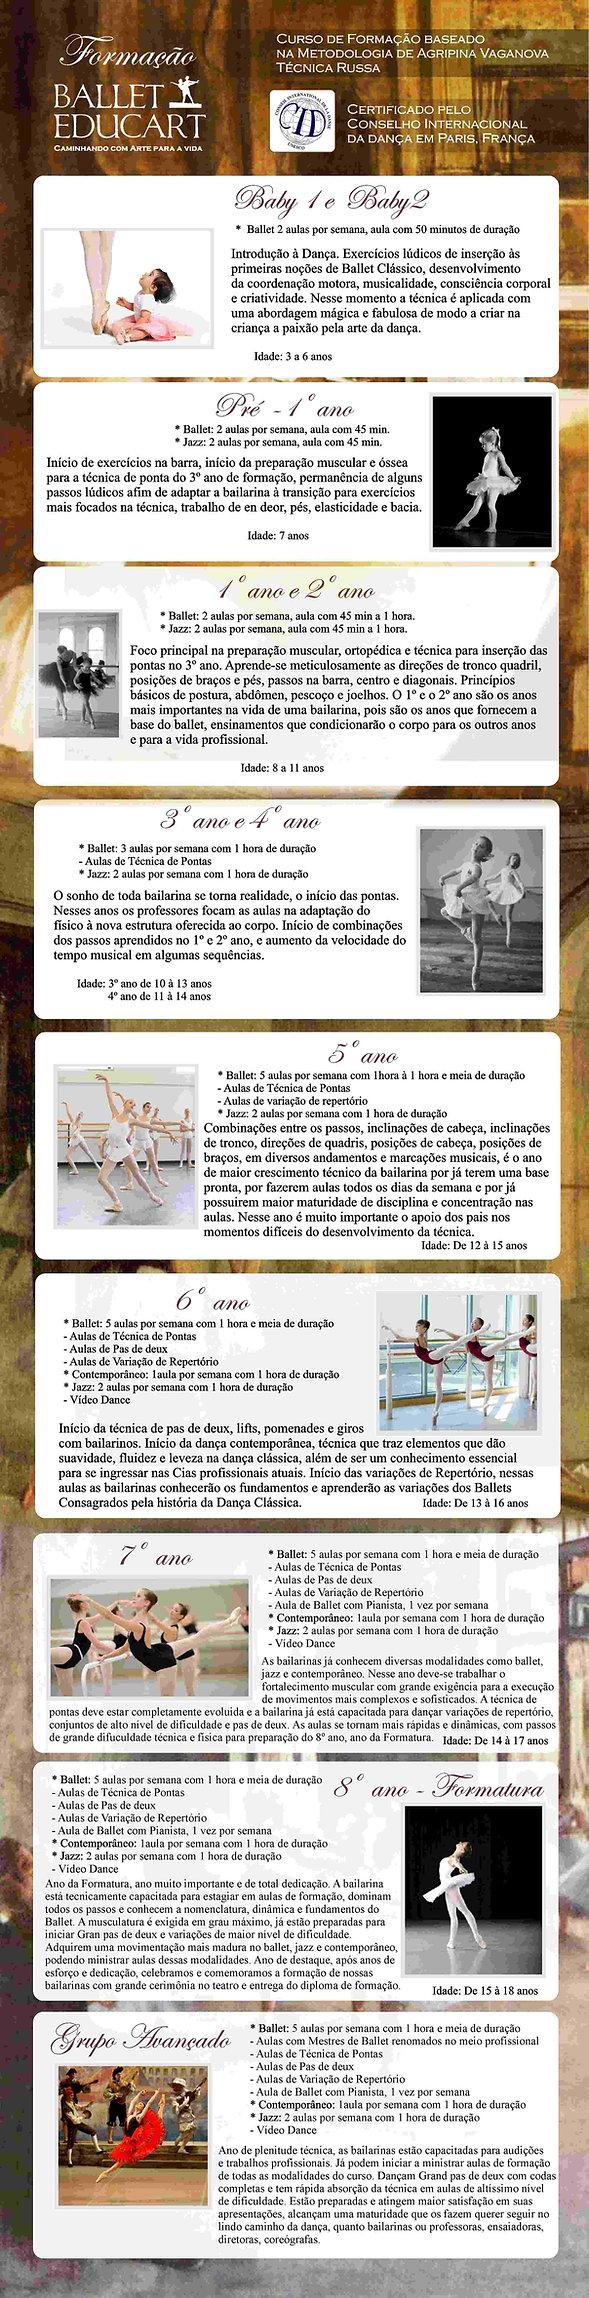 Curso de Formação Ballet Educart